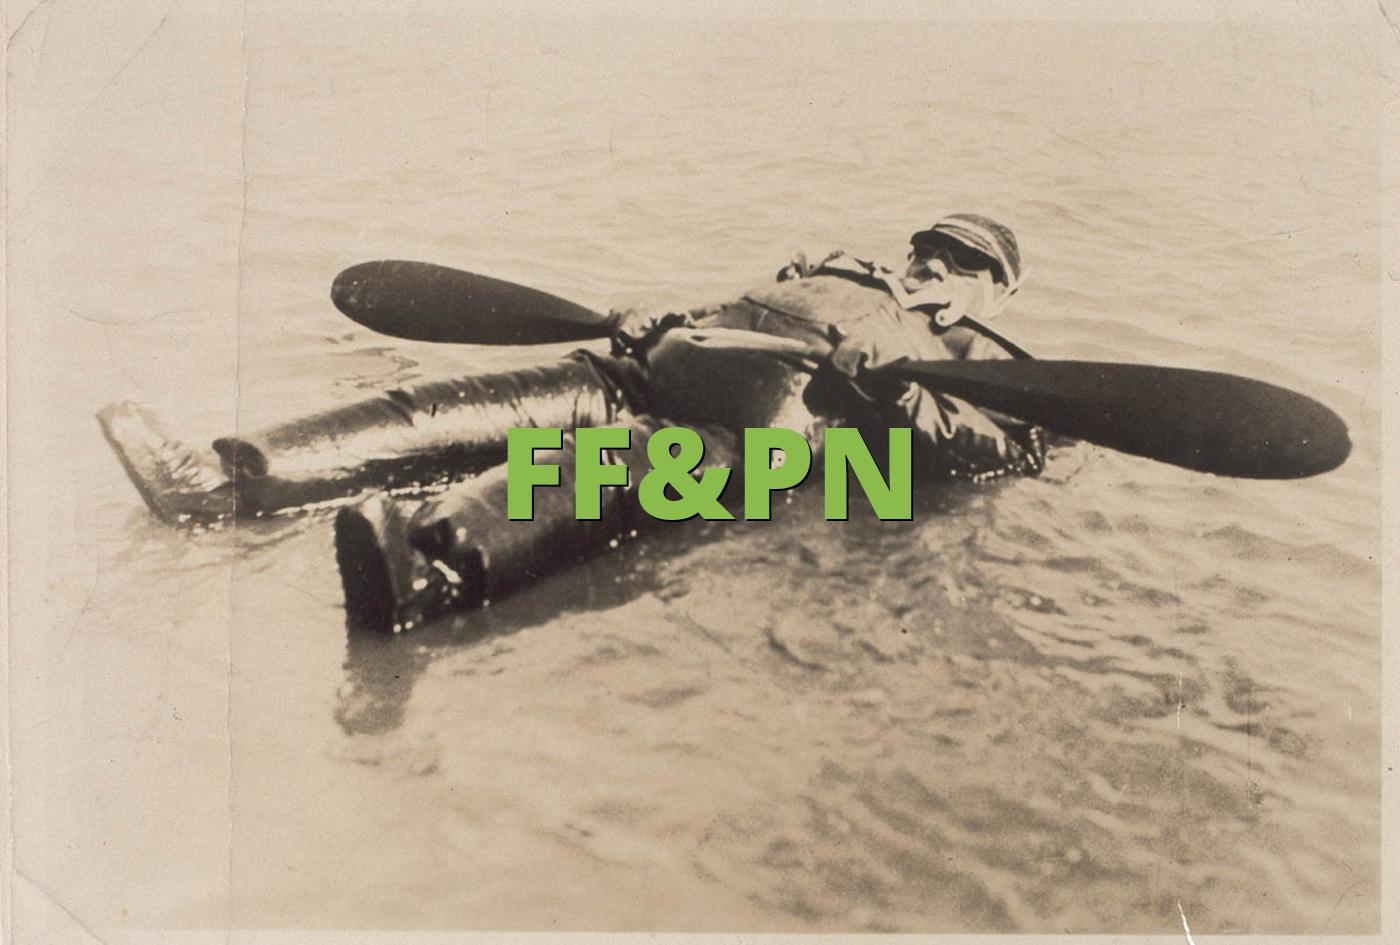 FF&PN